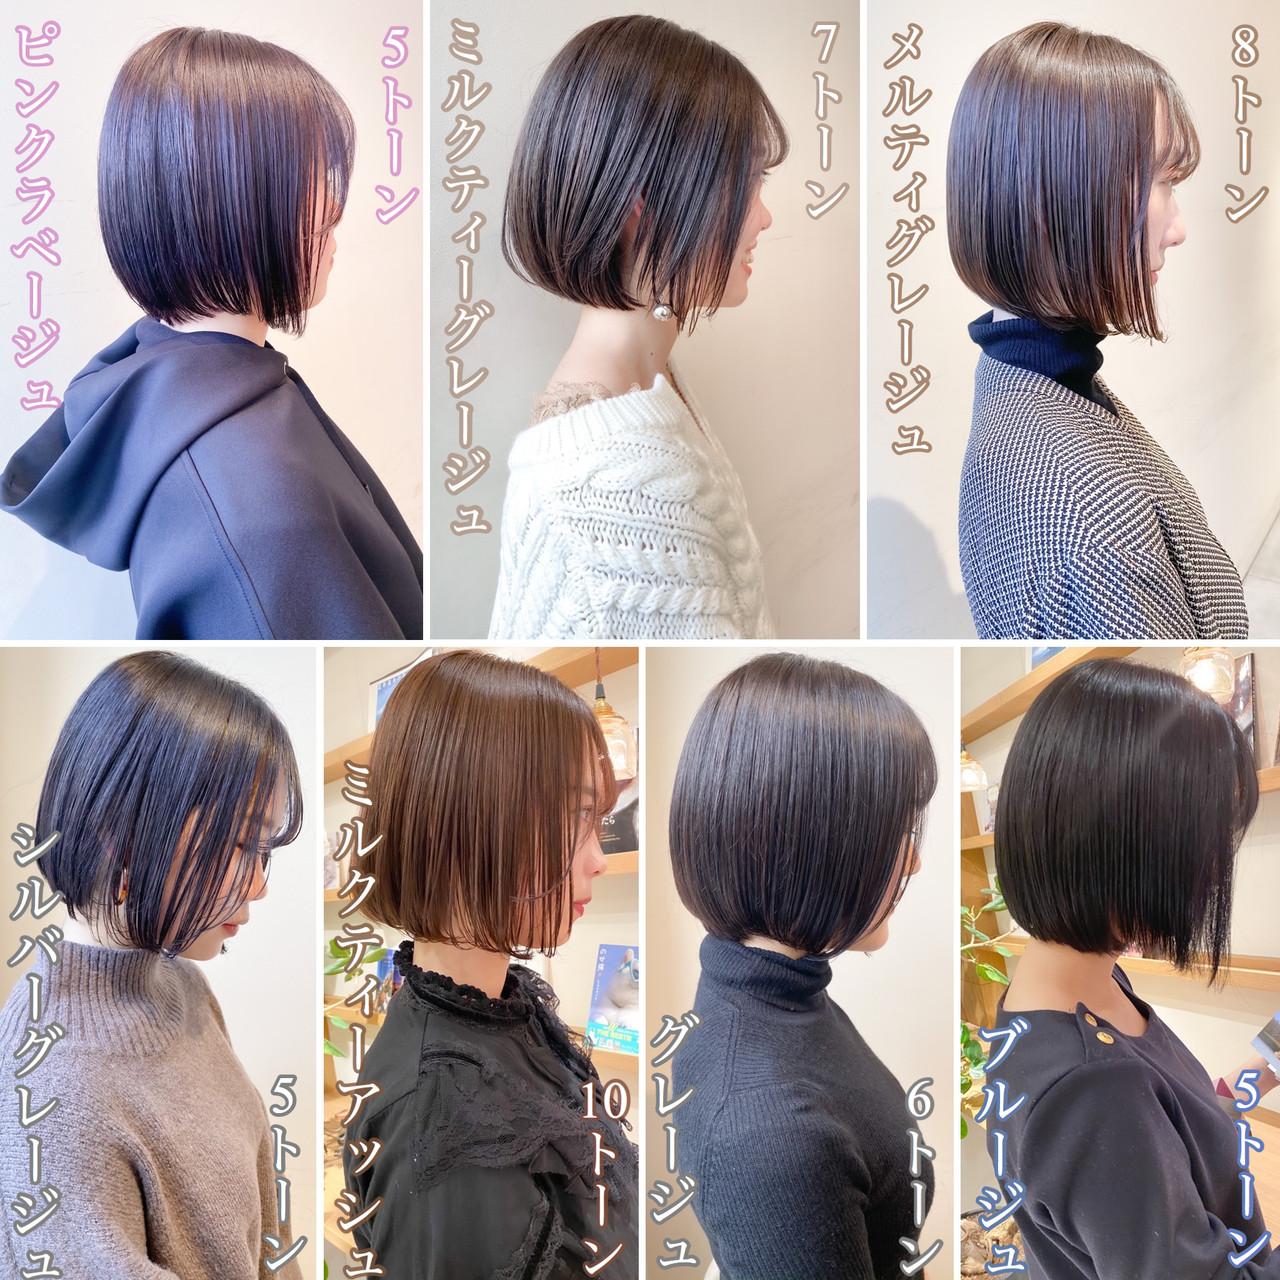 ミルクティーグレージュ ボブ 透明感カラー ミルクティーベージュ ヘアスタイルや髪型の写真・画像 | 村西 郁人 / rue